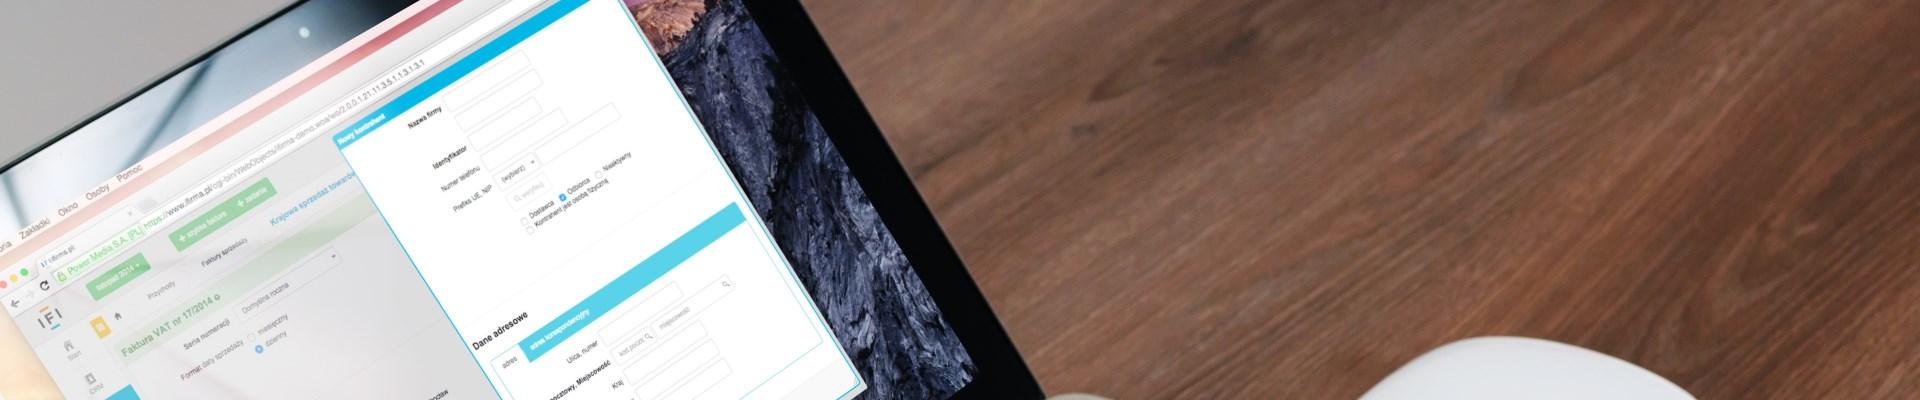 fatturazione_elettronica_slide-new1